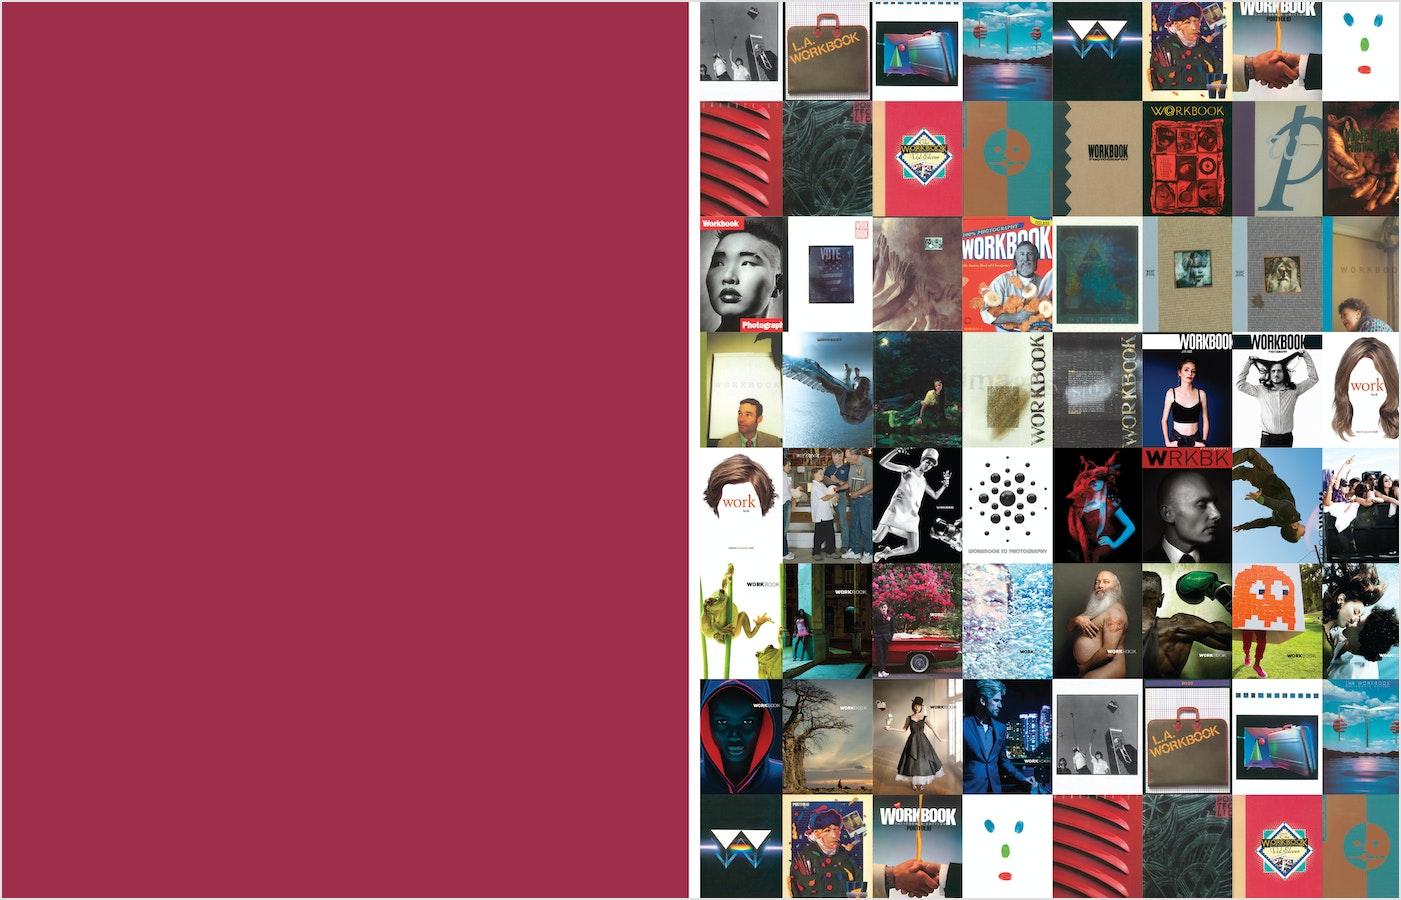 Workbooks workbook com : Workbook Photography 40 Spring | Workbook.com